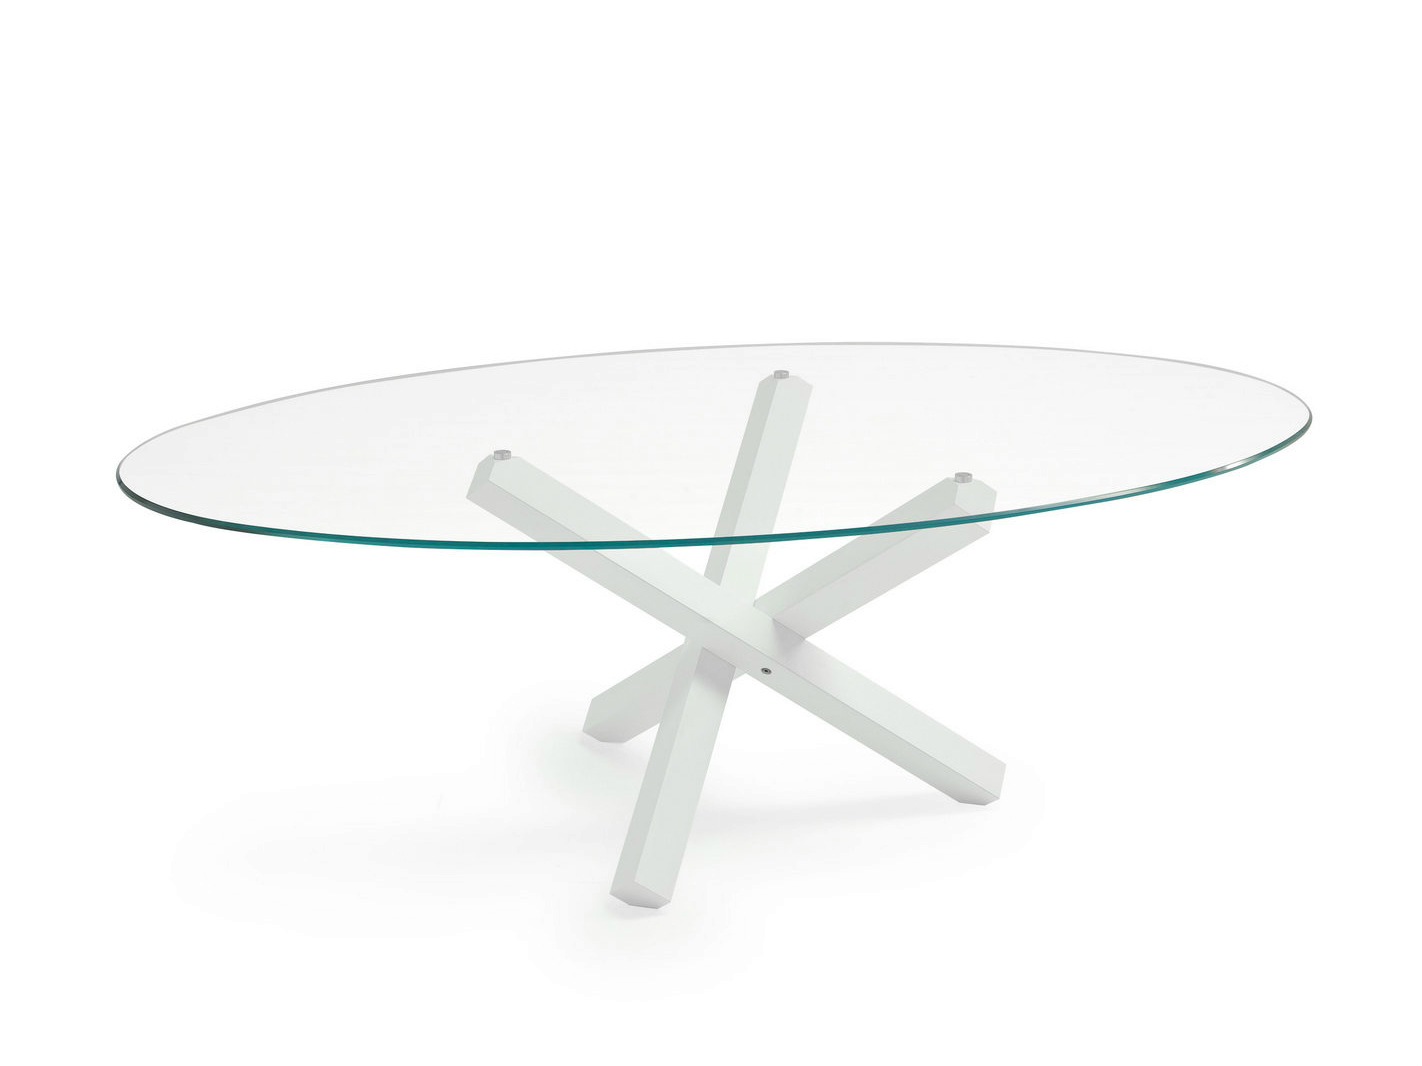 Stunning tavolo ovale vetro ideas - Tavolo vetro ovale ...